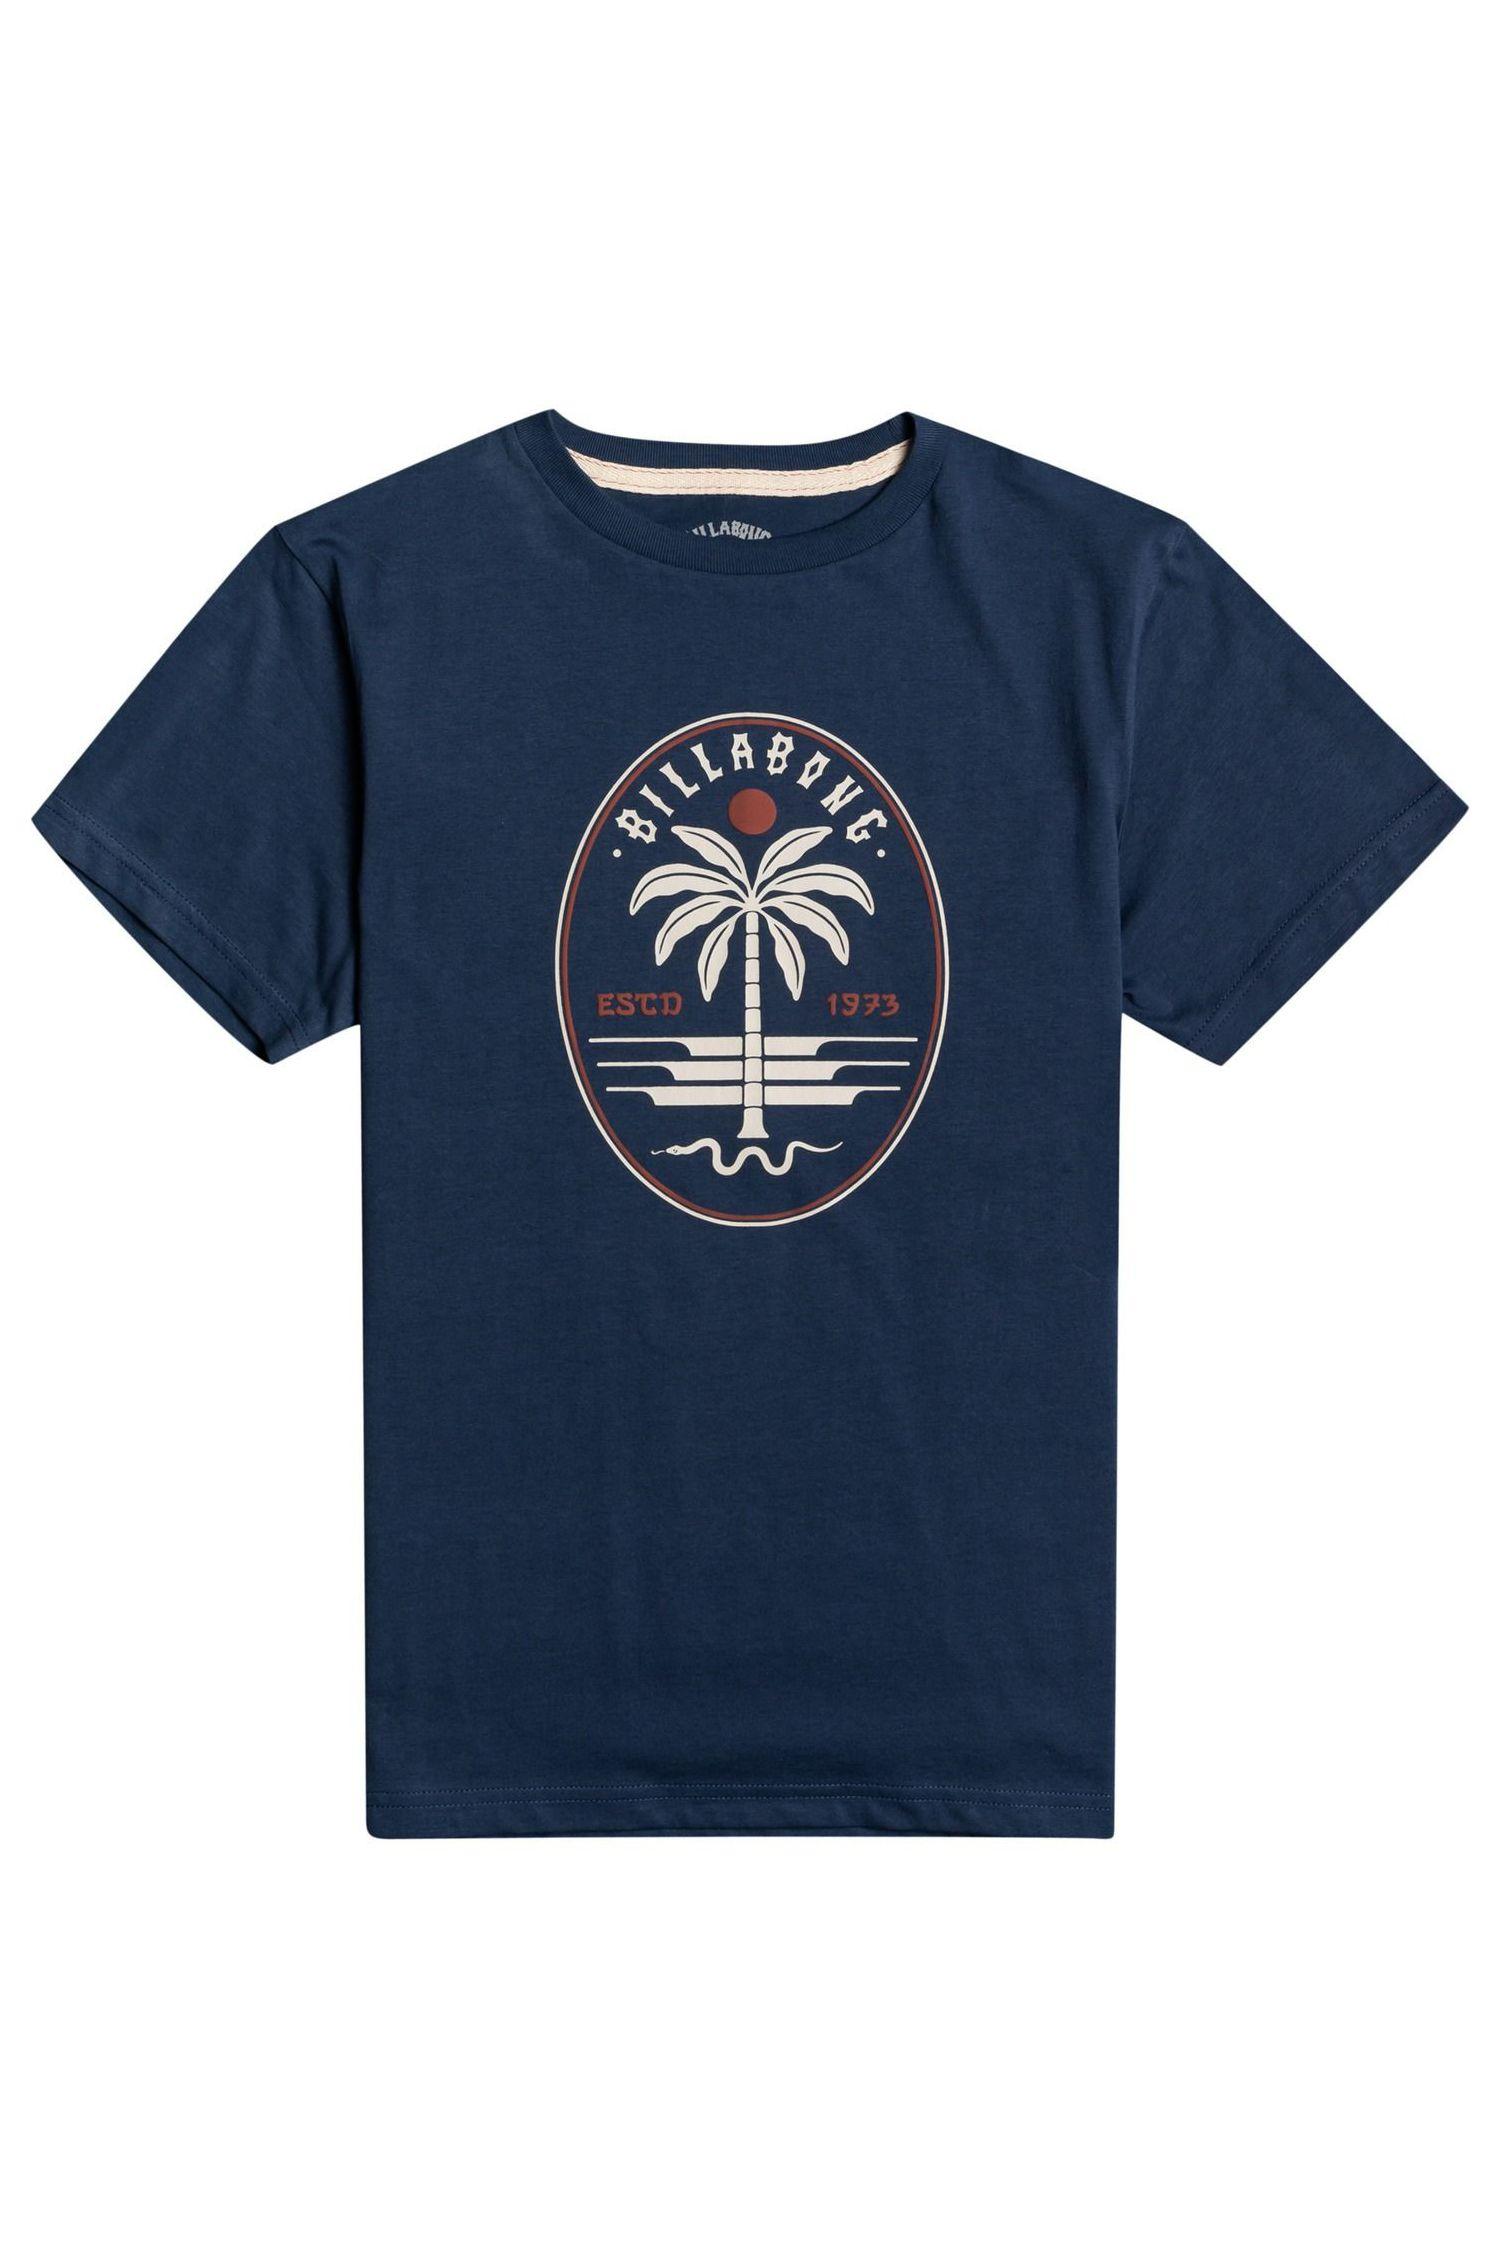 T-Shirt Billabong SNAKE SET SS BOY SPORTING GOOD PROGR. Denim Blue